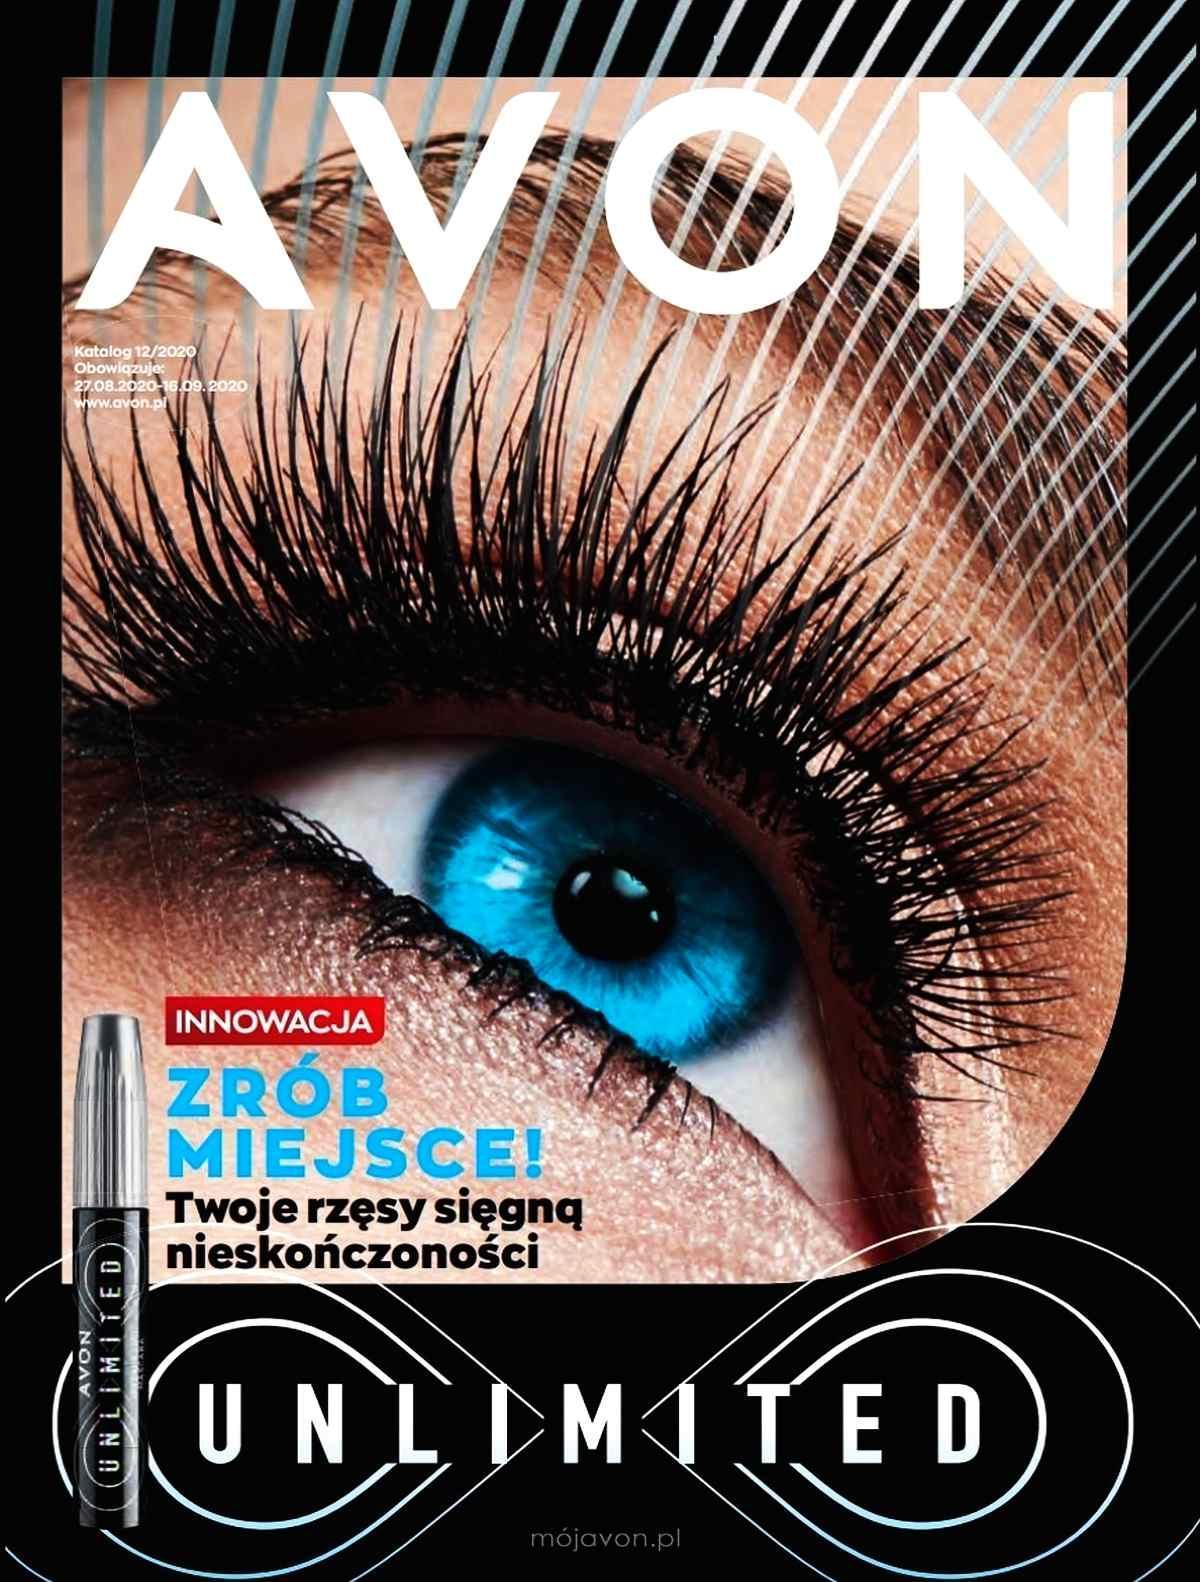 Gazetka promocyjna Avon do 16/09/2020 str.1